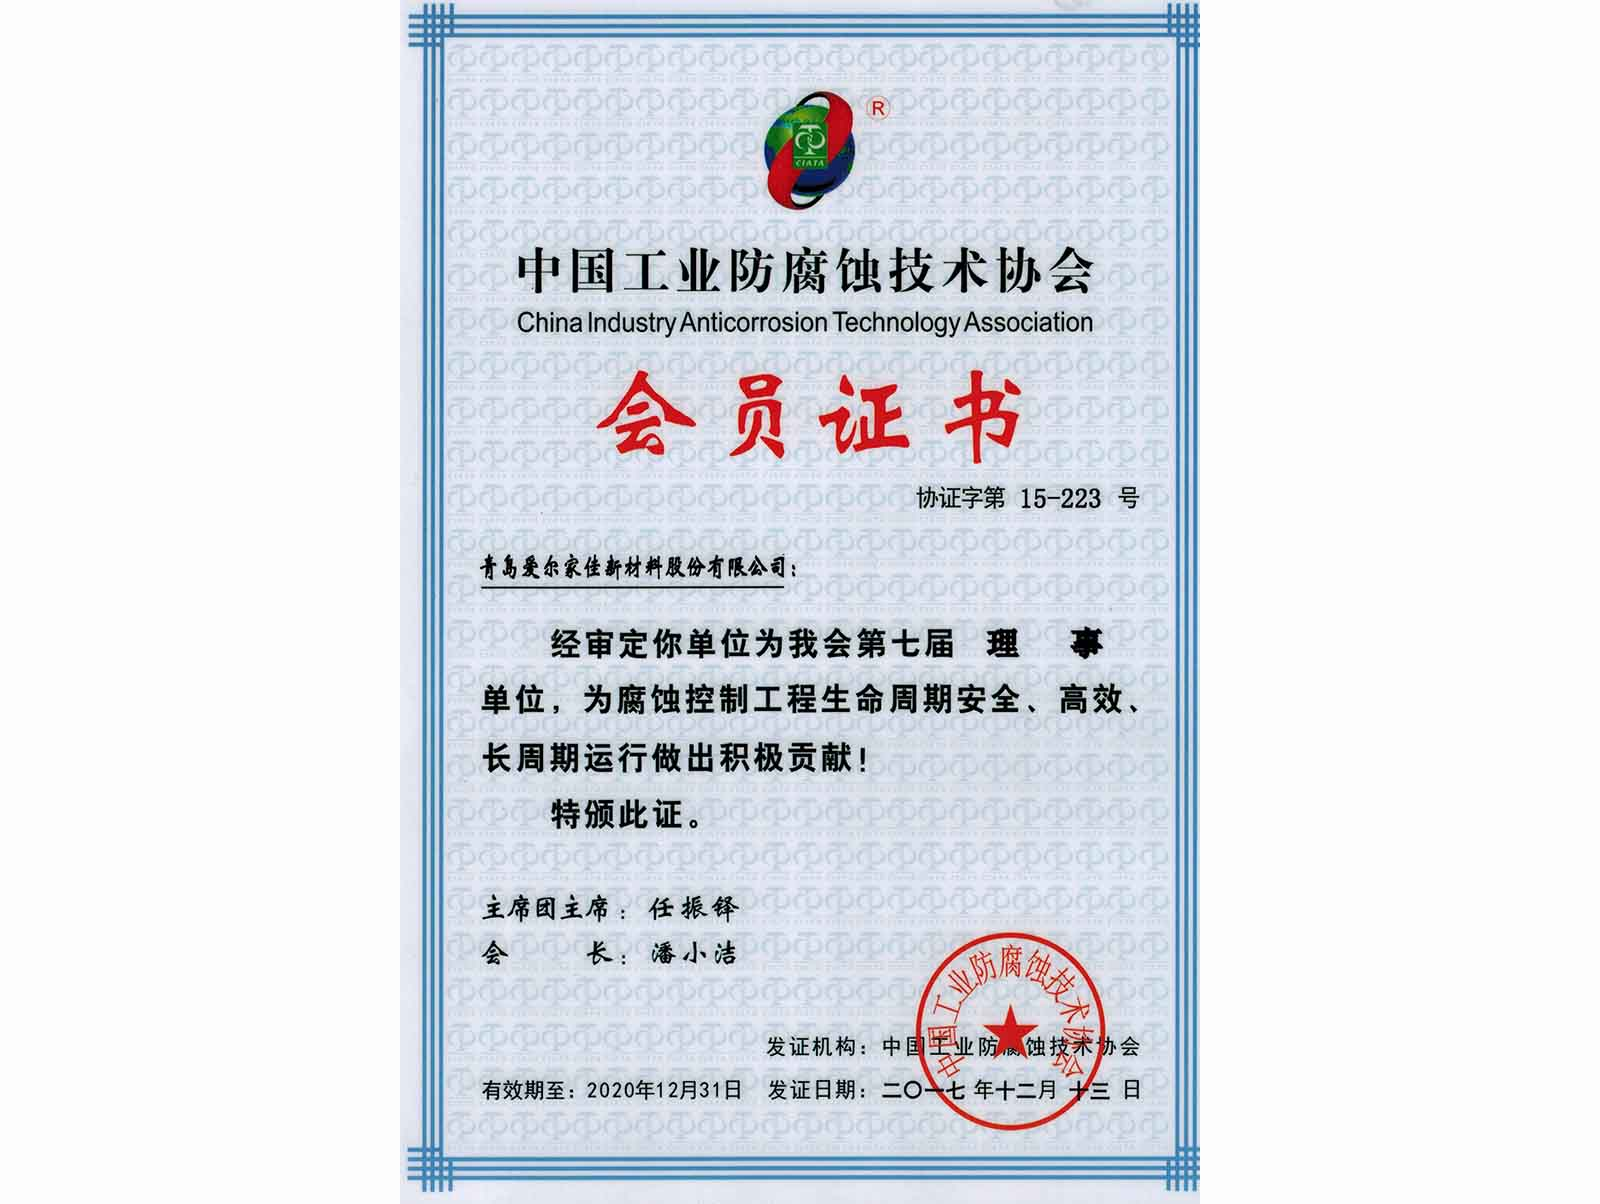 中国工业防腐蚀技术协会会员